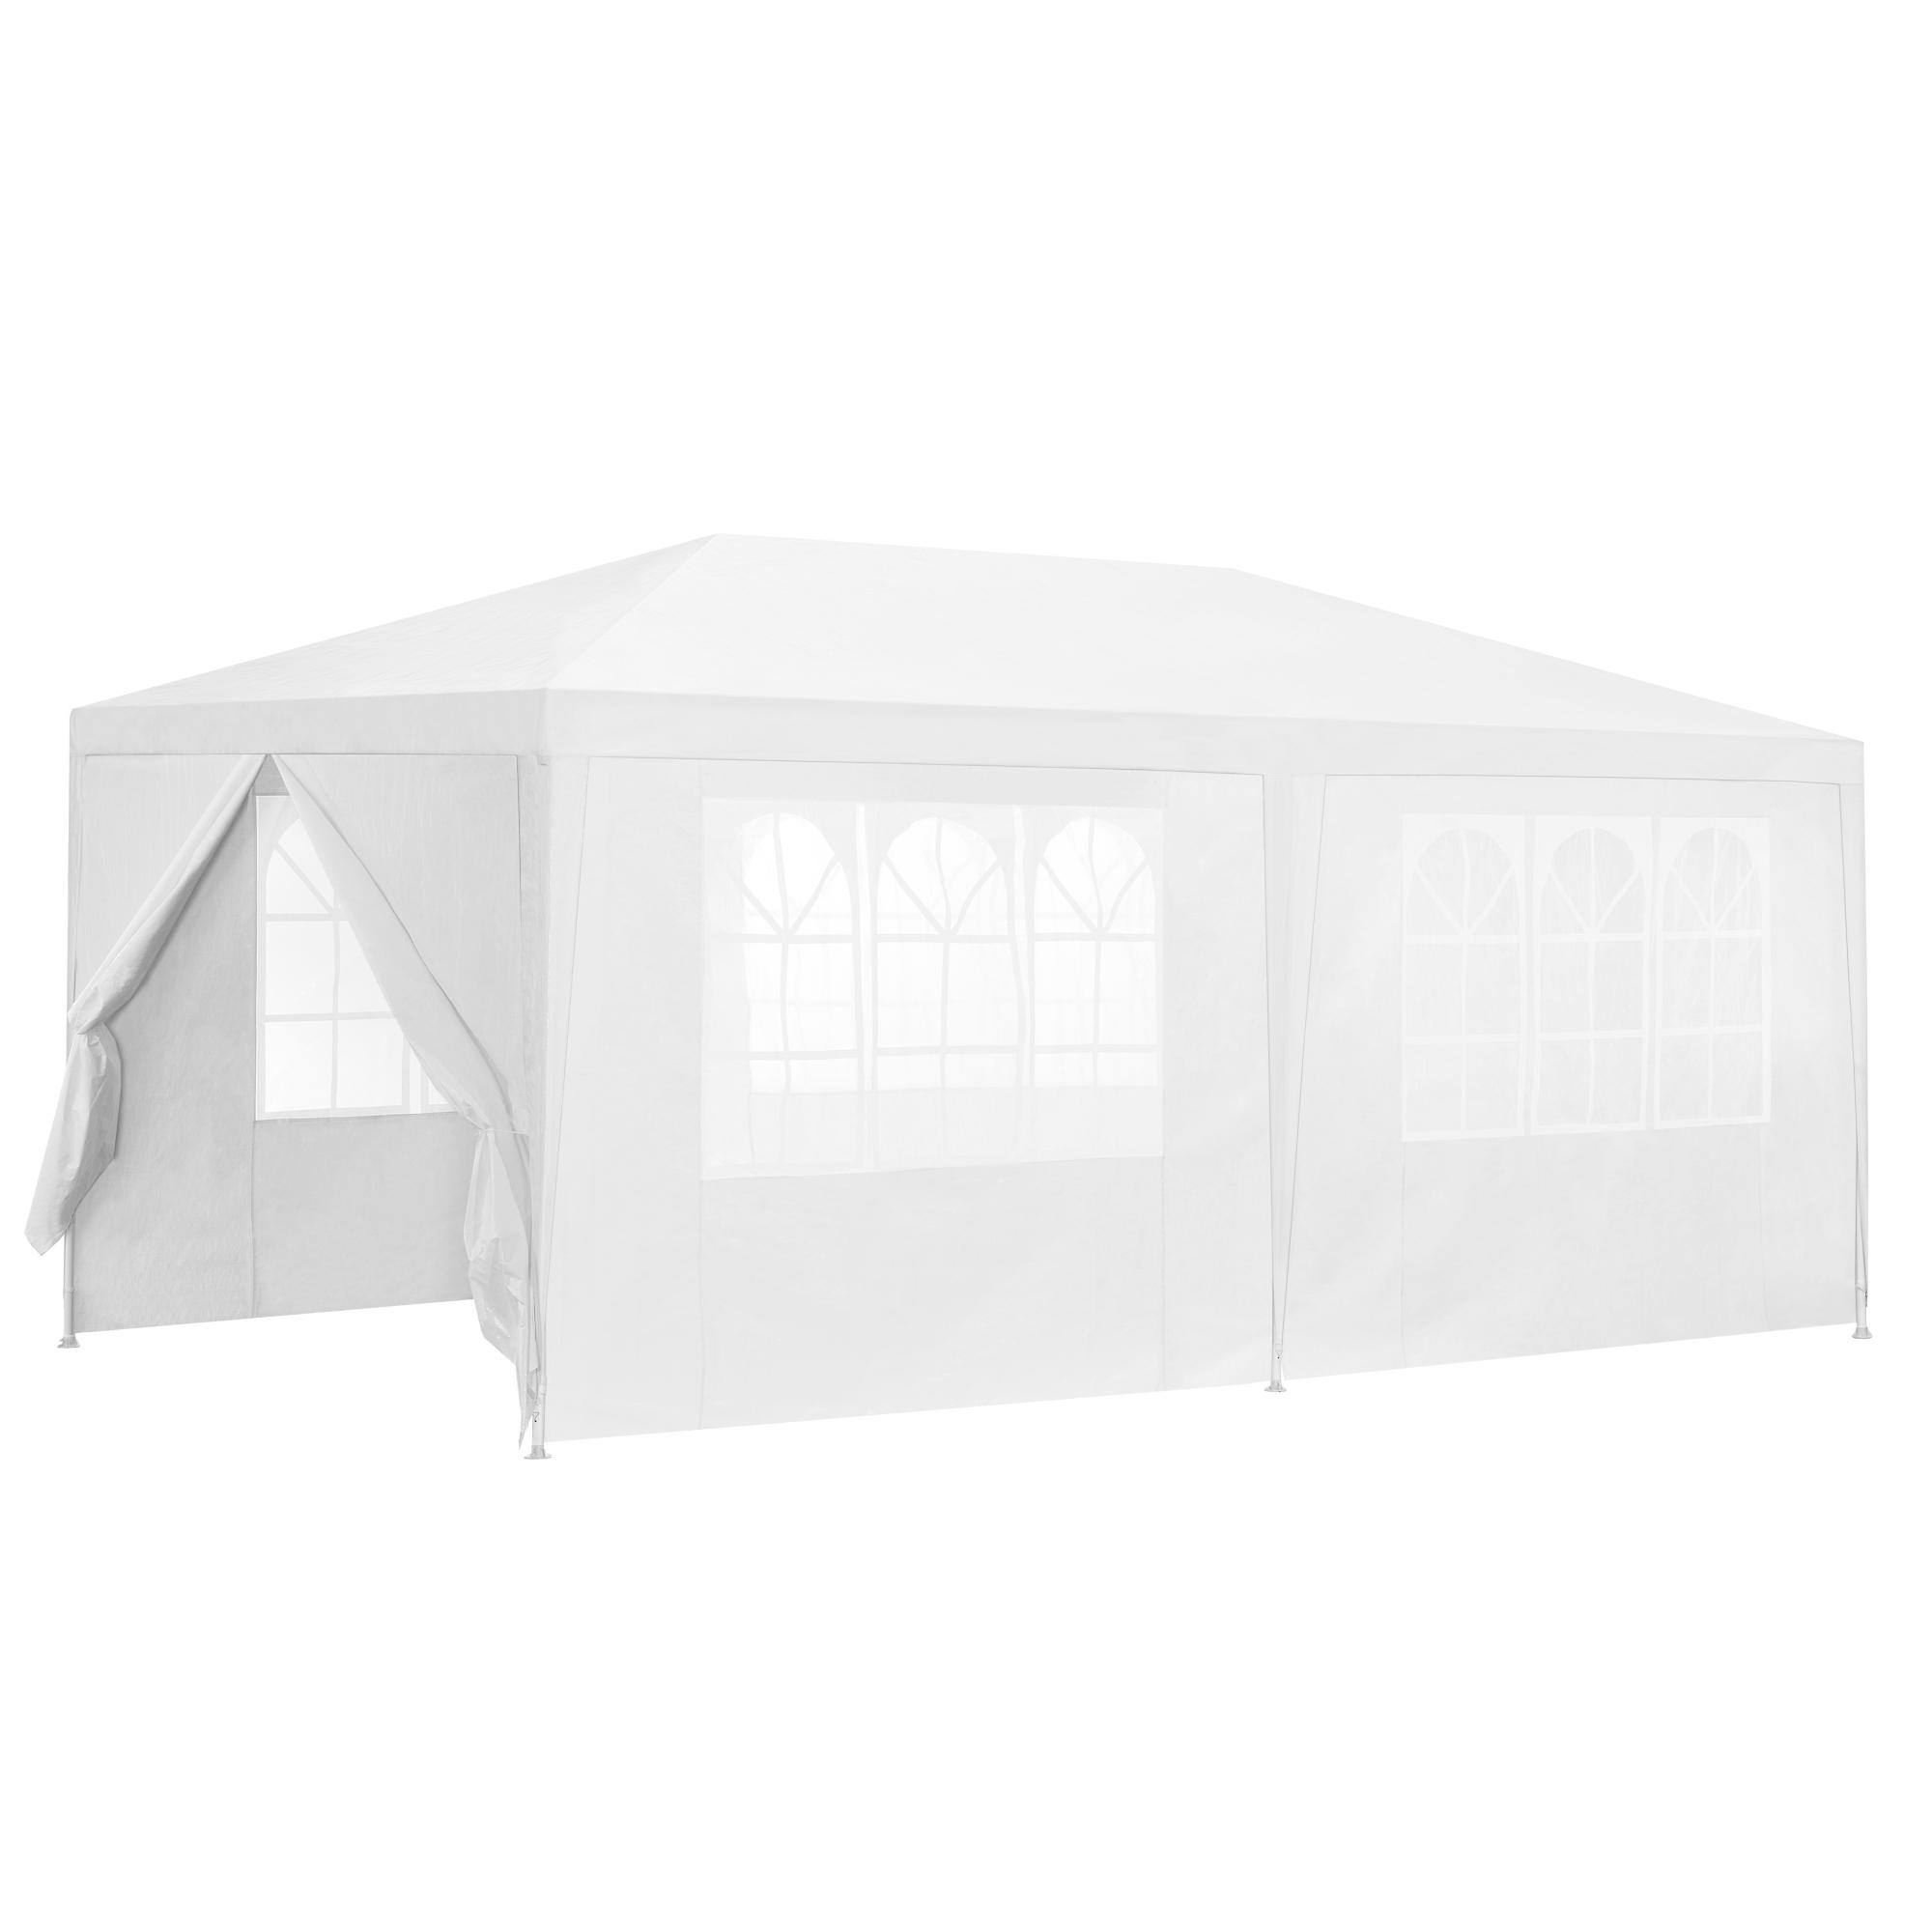 [casa.pro]® Zahradní altán AAGP-9608